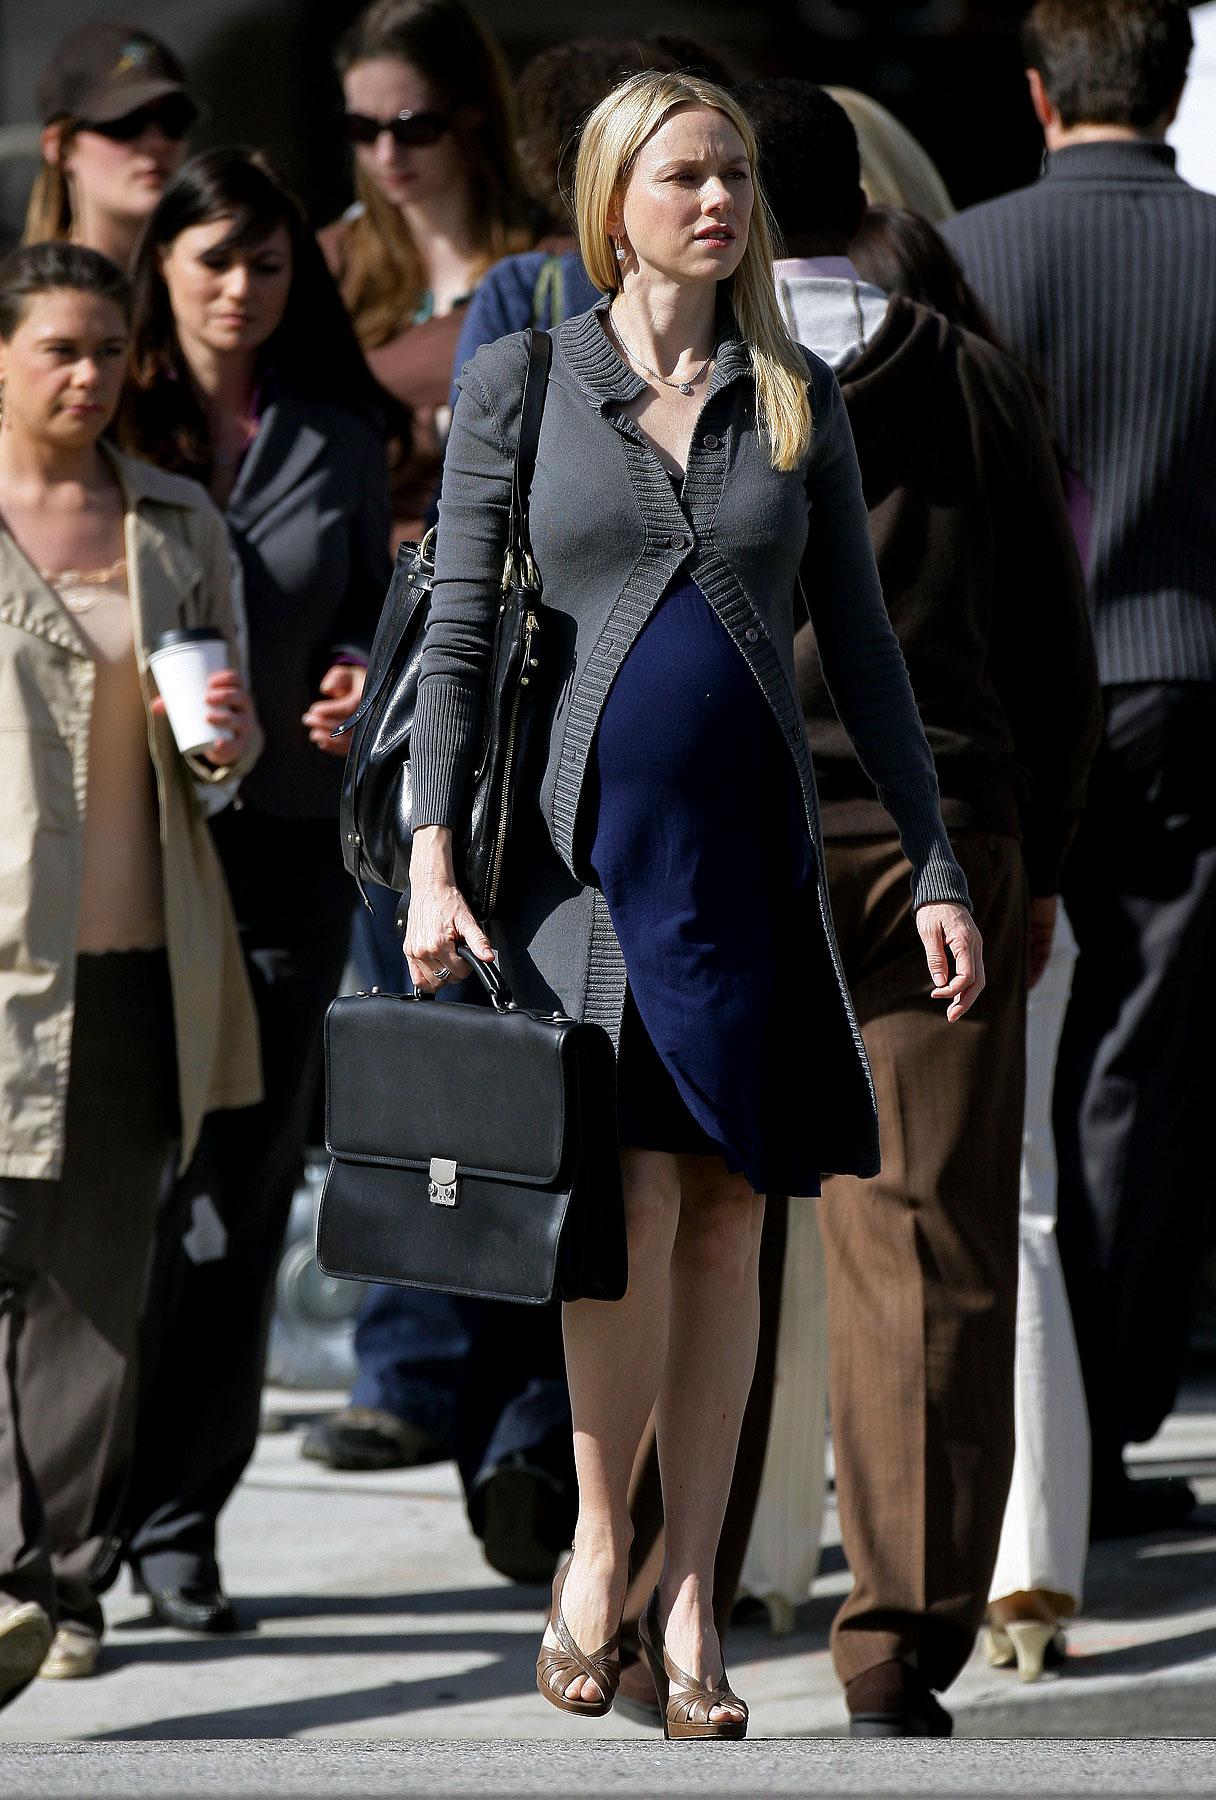 Naomi Watts: Pregnant Again?!!?